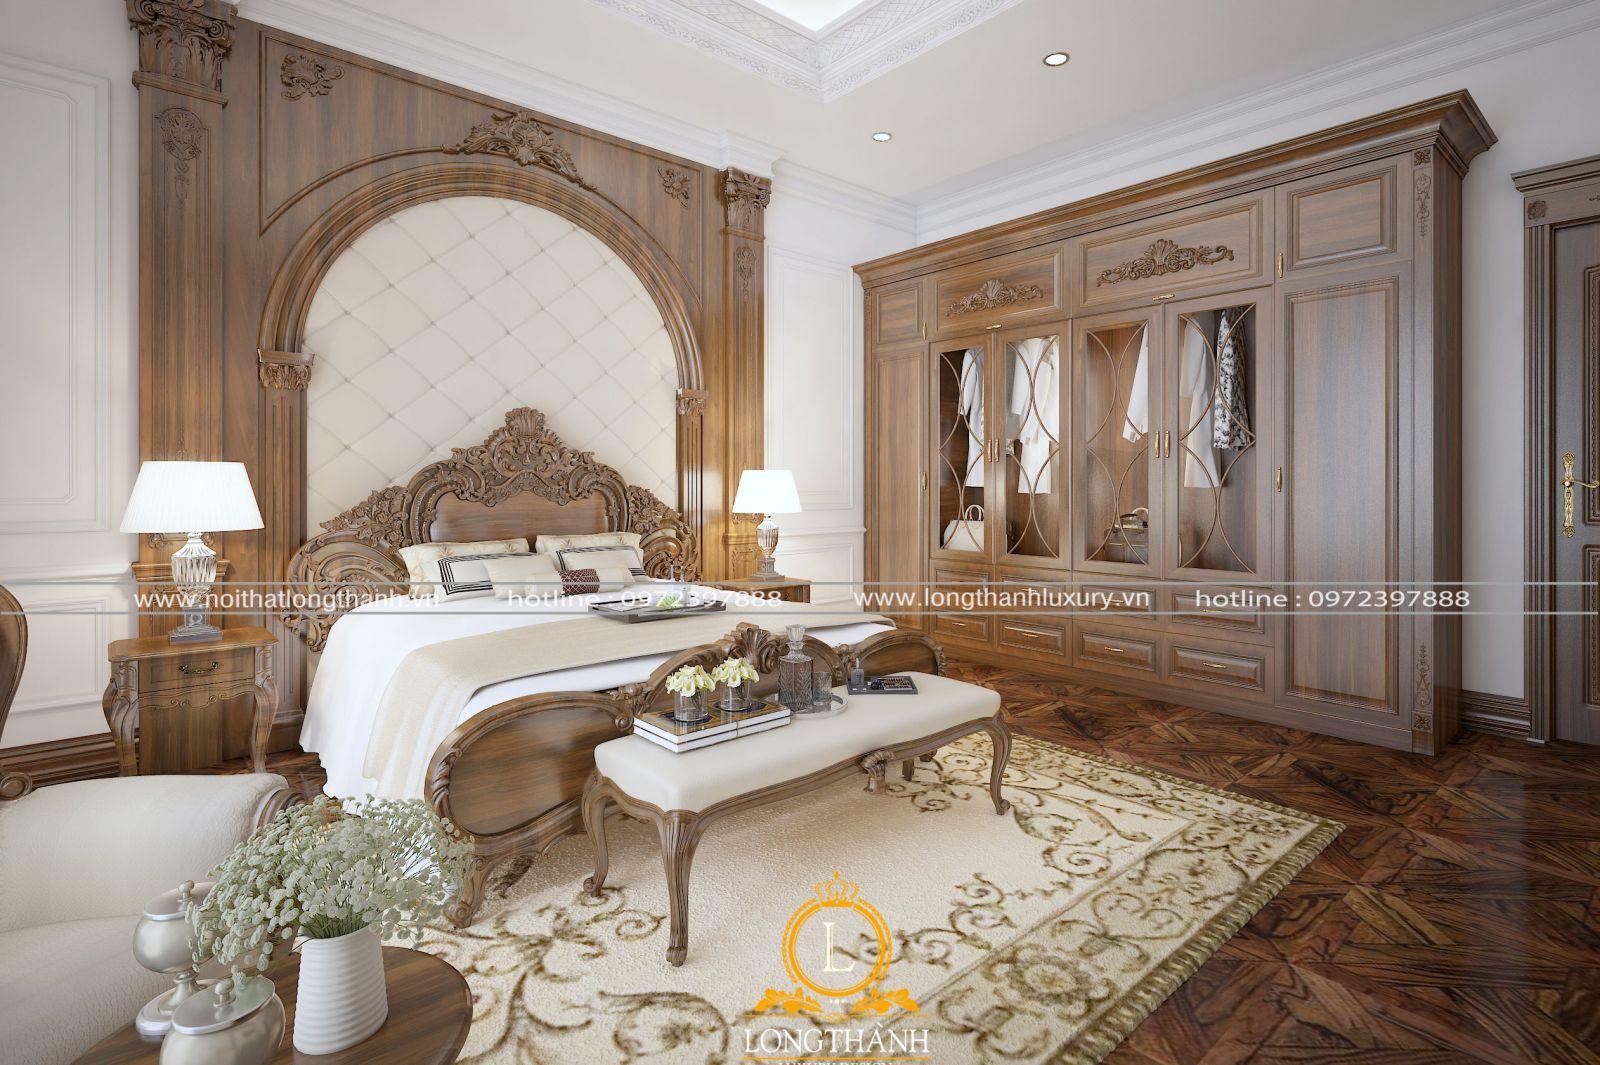 Mẫu giường ngủ cho phòng ngủ cao cấp sang trọng